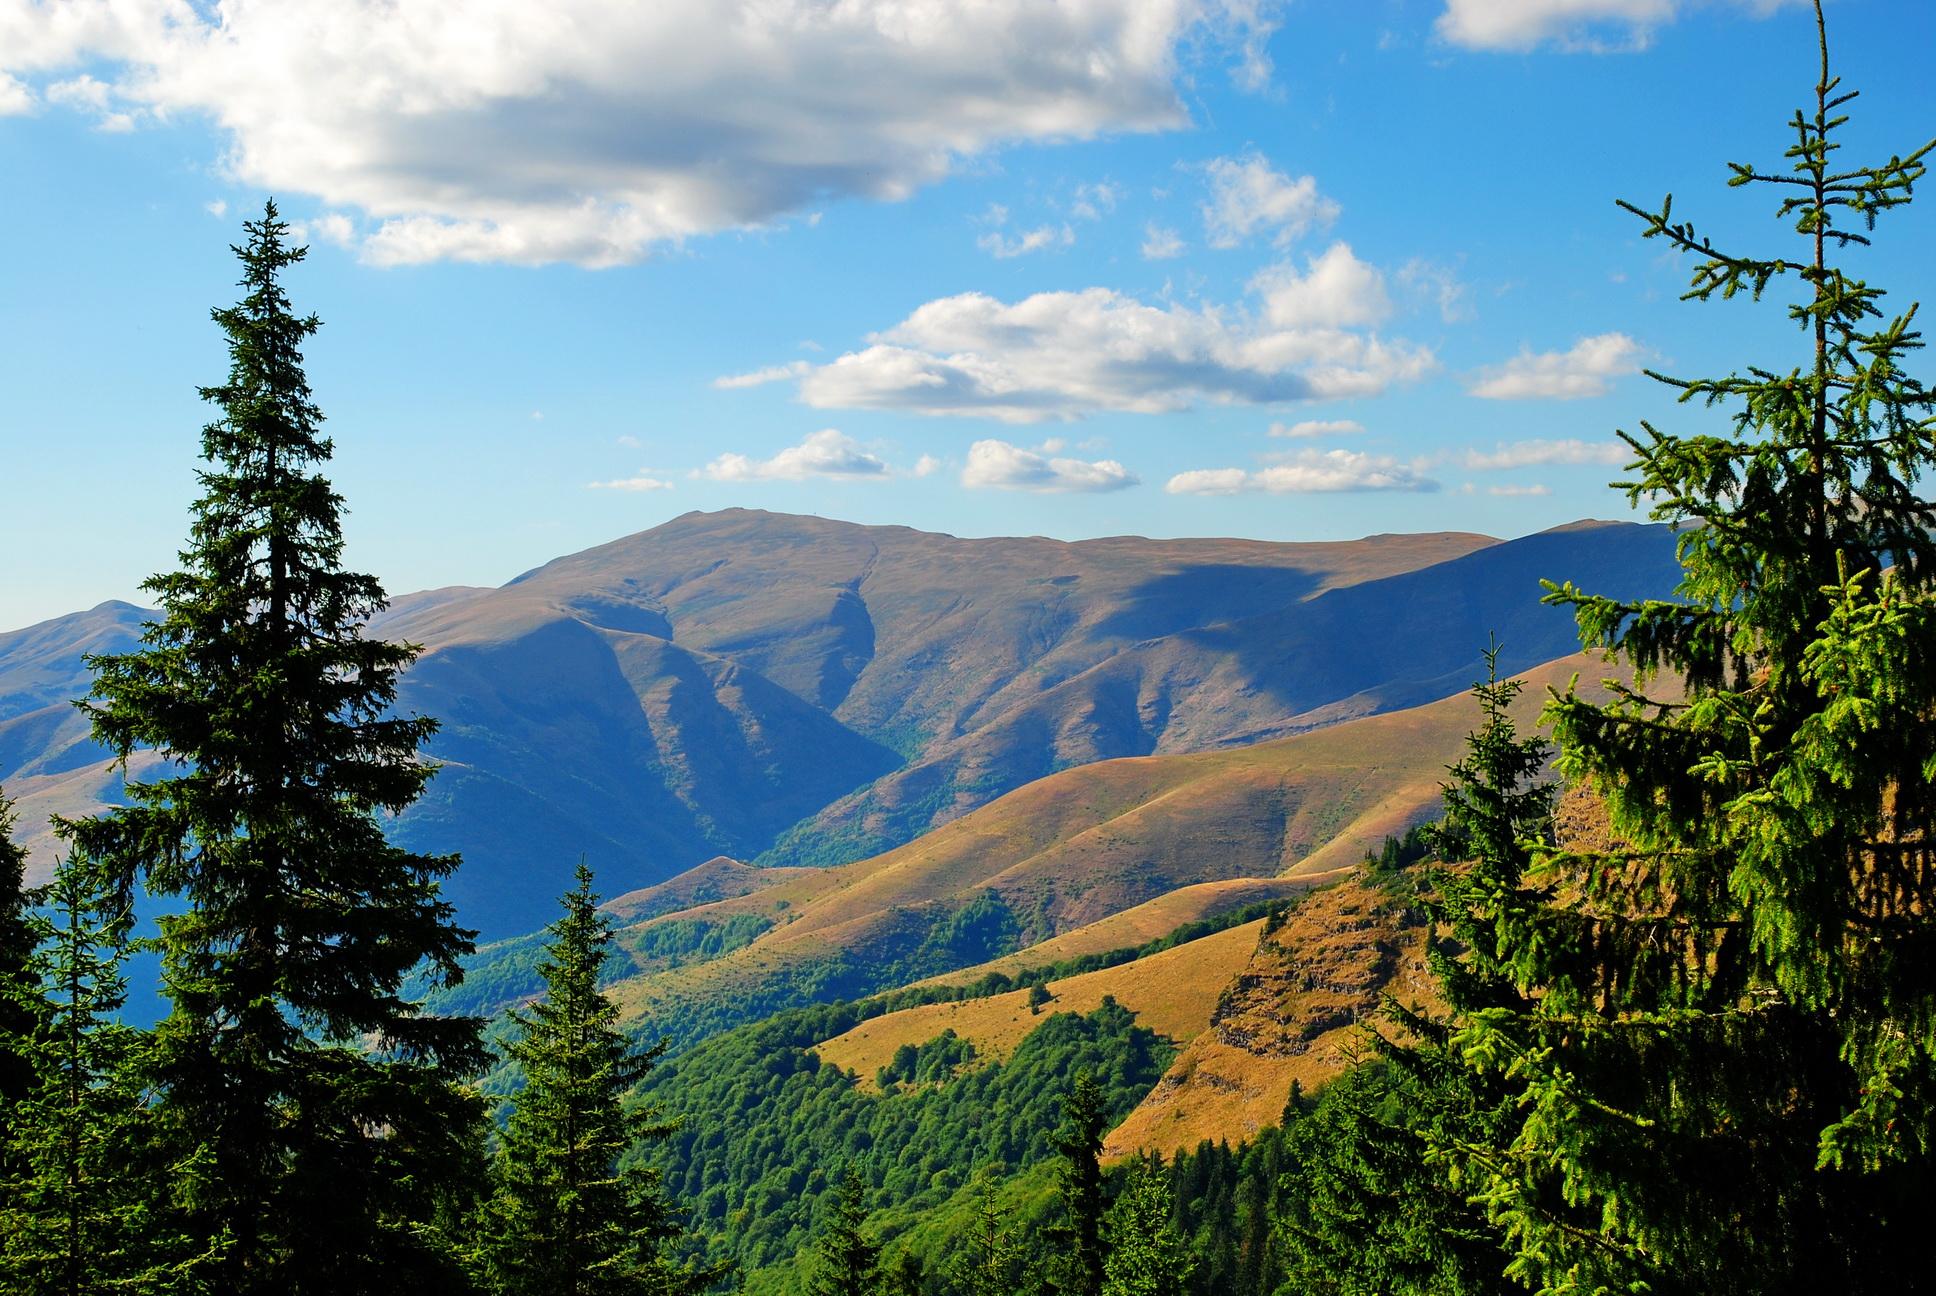 """Pirot, 7. jula 2013. - Staroplaninski pejzaž. Pirocanac Zoran Kostadinovic jedan je od poslednjih """"rancera"""" na Staroj planini, koji od pocetka maja pa do novembra cuva nekoliko desetina krava na pašnjacima zvanim Belede, na nadmorskojvisini iznad 1.500 metara.Ovaj savremeni """"kauboj"""" i cobanin kaže da priroda jeste lepa, ali naglašava da je i izuzetno surova. FOTO TANJUG / ALEKSANDAR CIRIC / nr"""